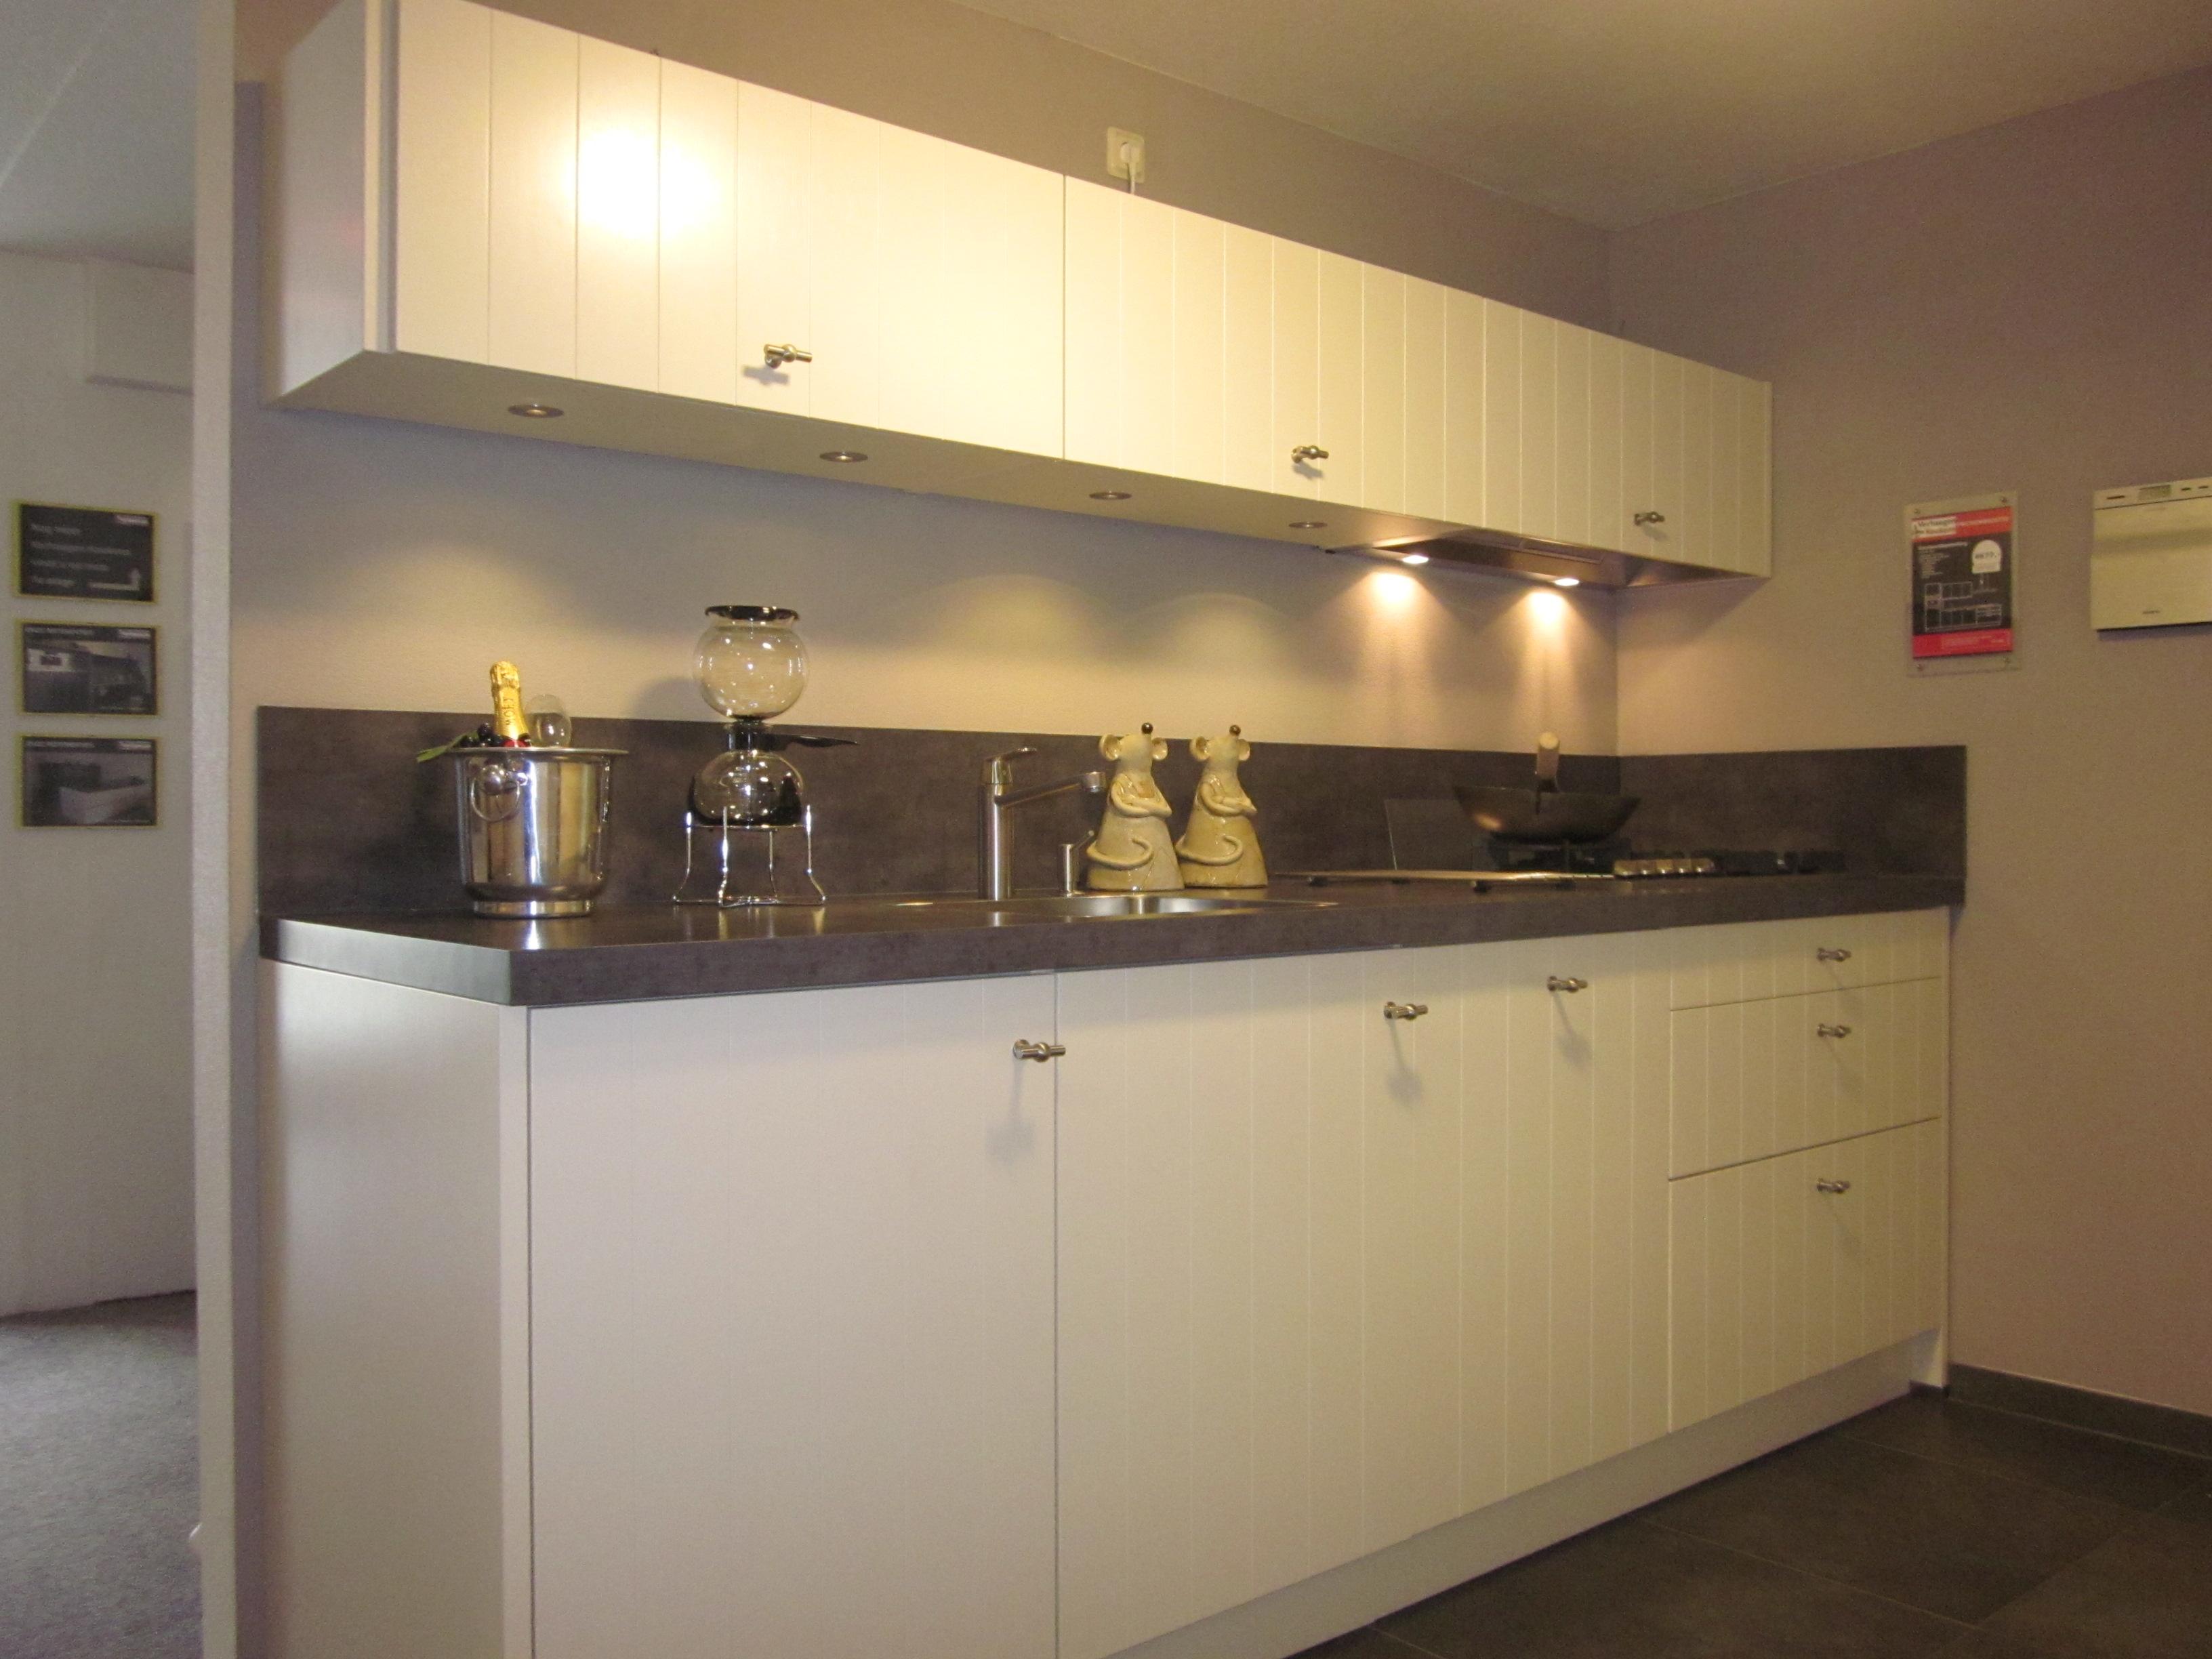 Keuken Wandkast 10 : Aanbiedingen verhaegen keukens